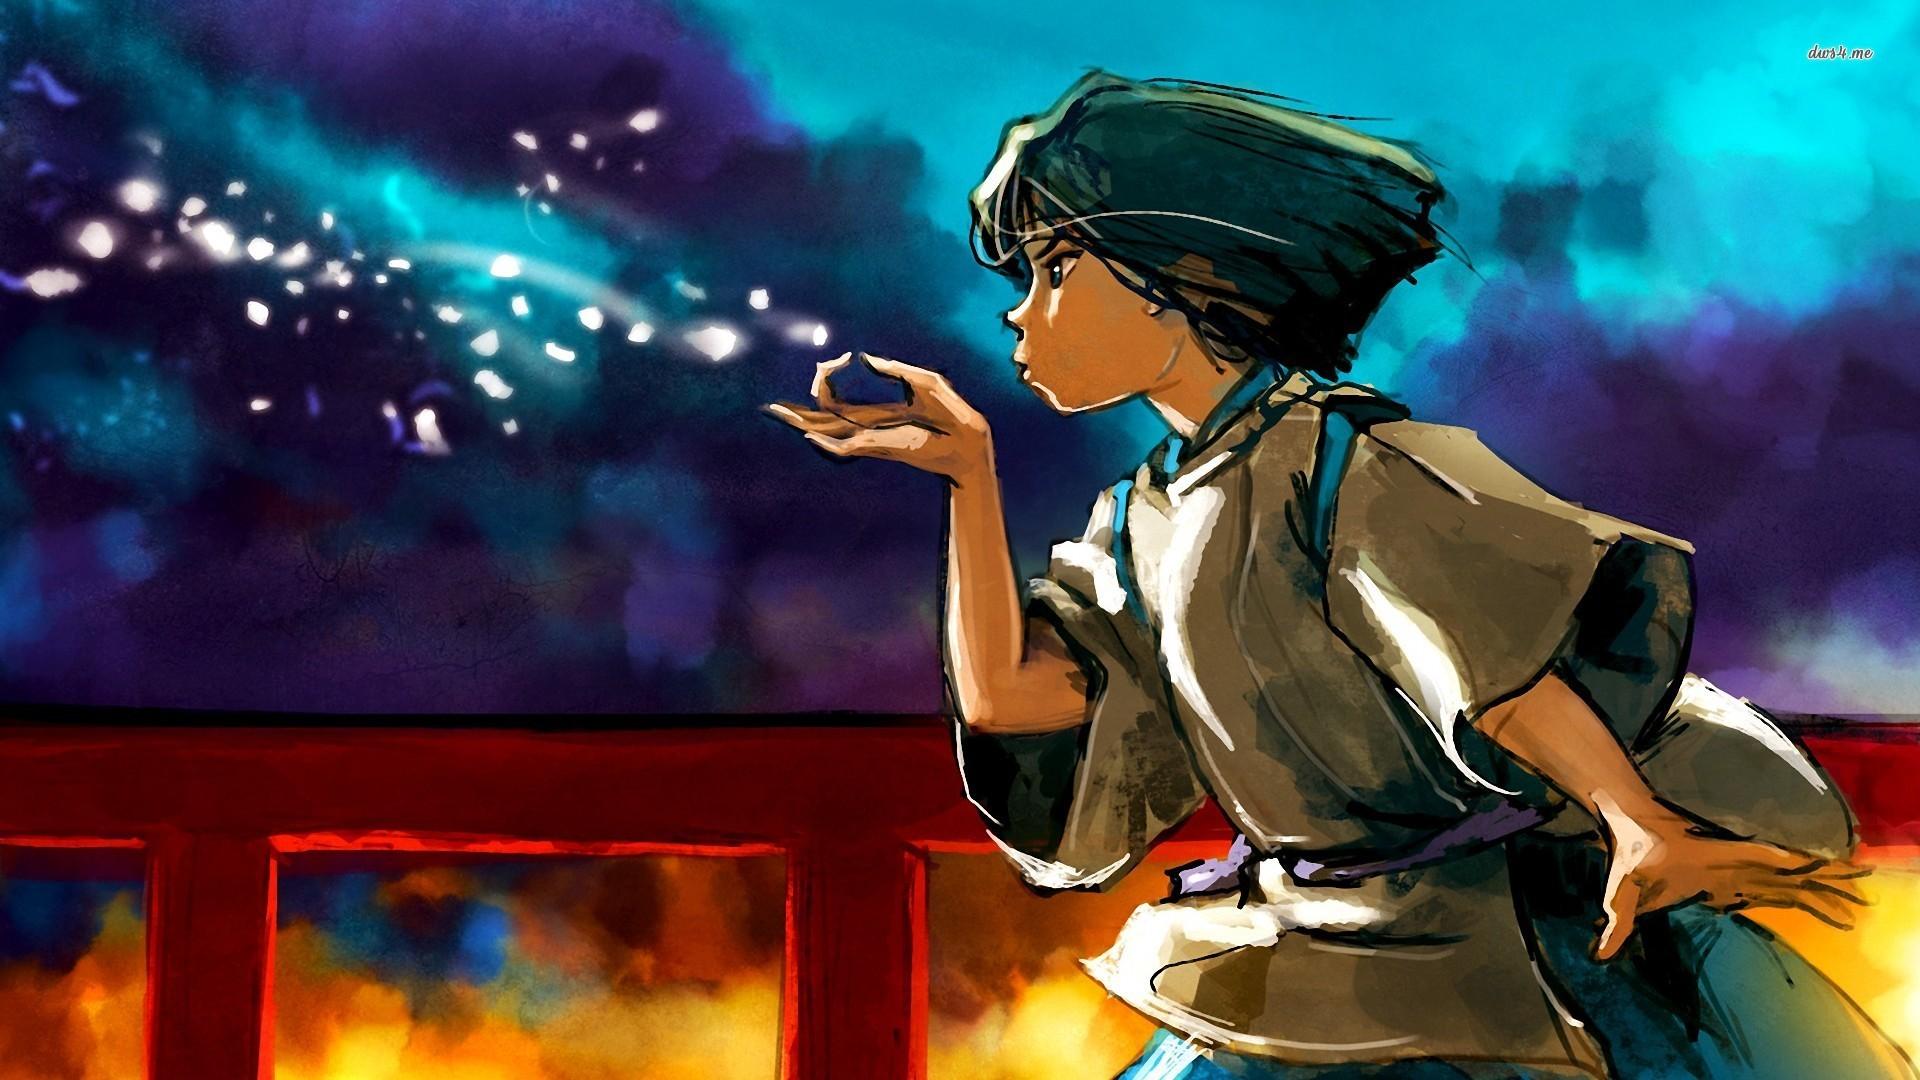 anime spirited away | spirited away anime desktop wallpaper download spirited  away anime .